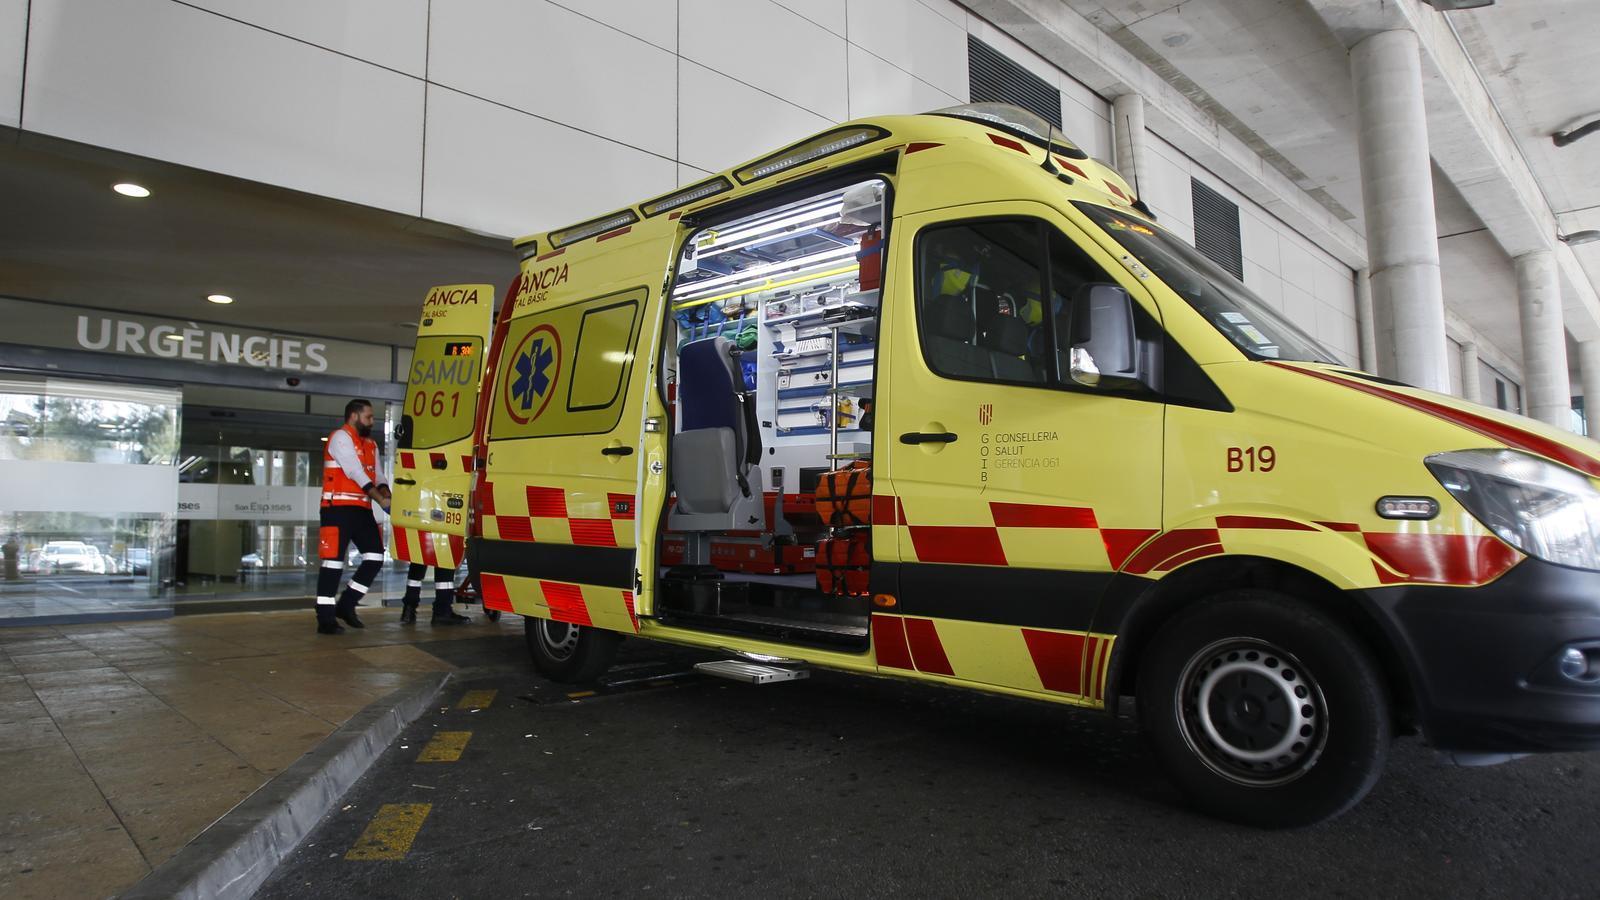 Una ambulància del SAMU a la zona d'urgències de l'Hospital de Son Espases.